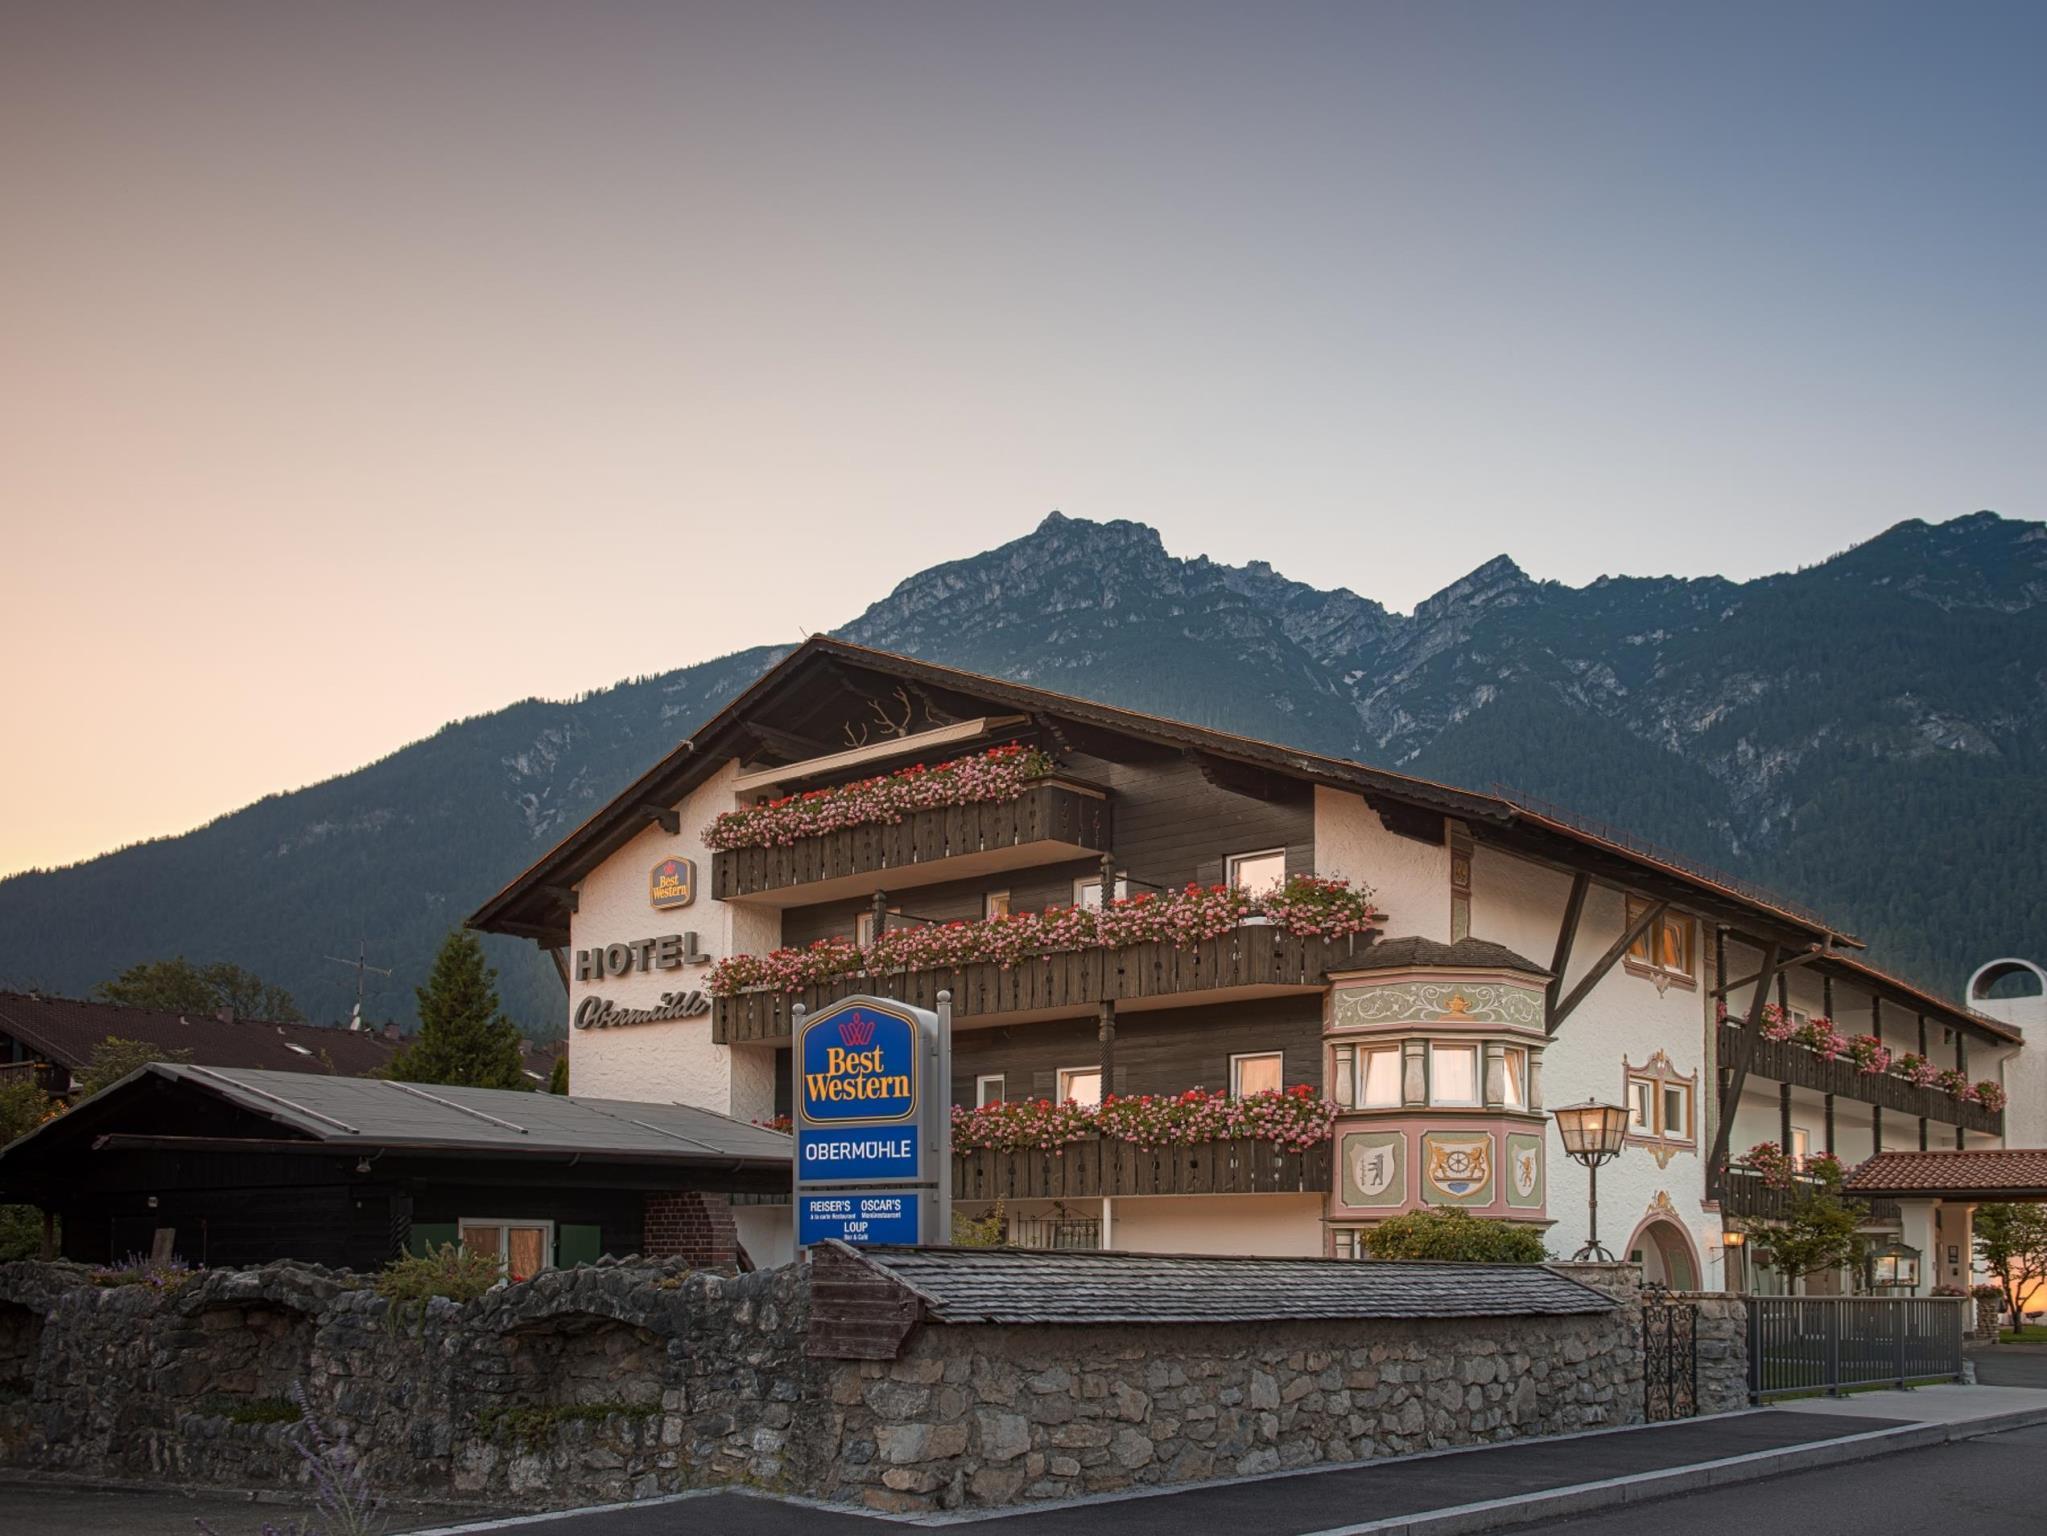 Obermuhle 4*S Boutique Resort, Garmisch-Partenkirchen